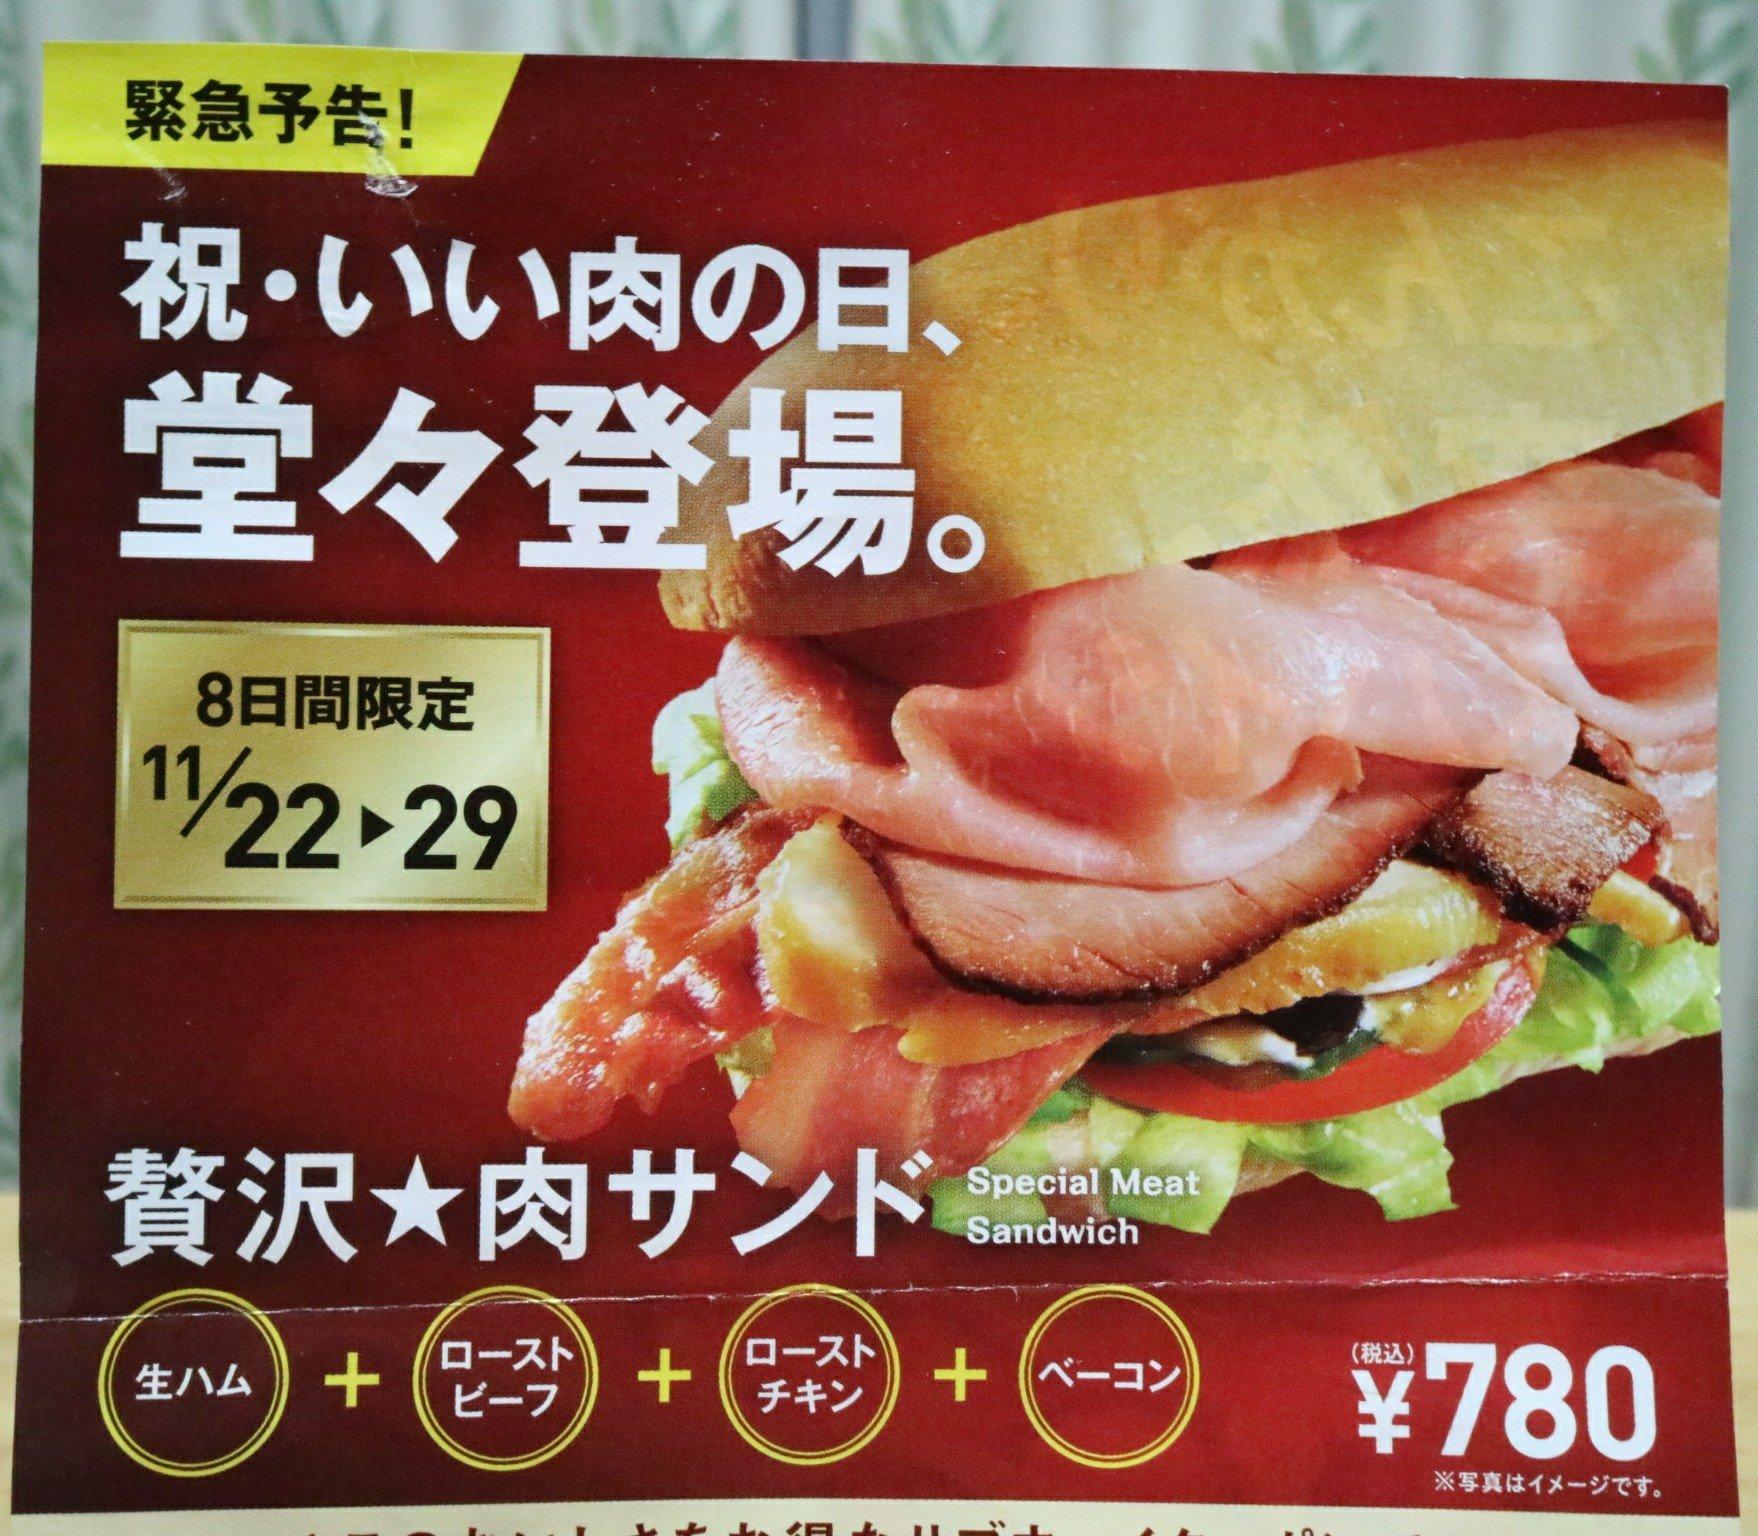 贅沢★肉サンド 11月22日〜29日限定販売!【祝・いい肉の日】